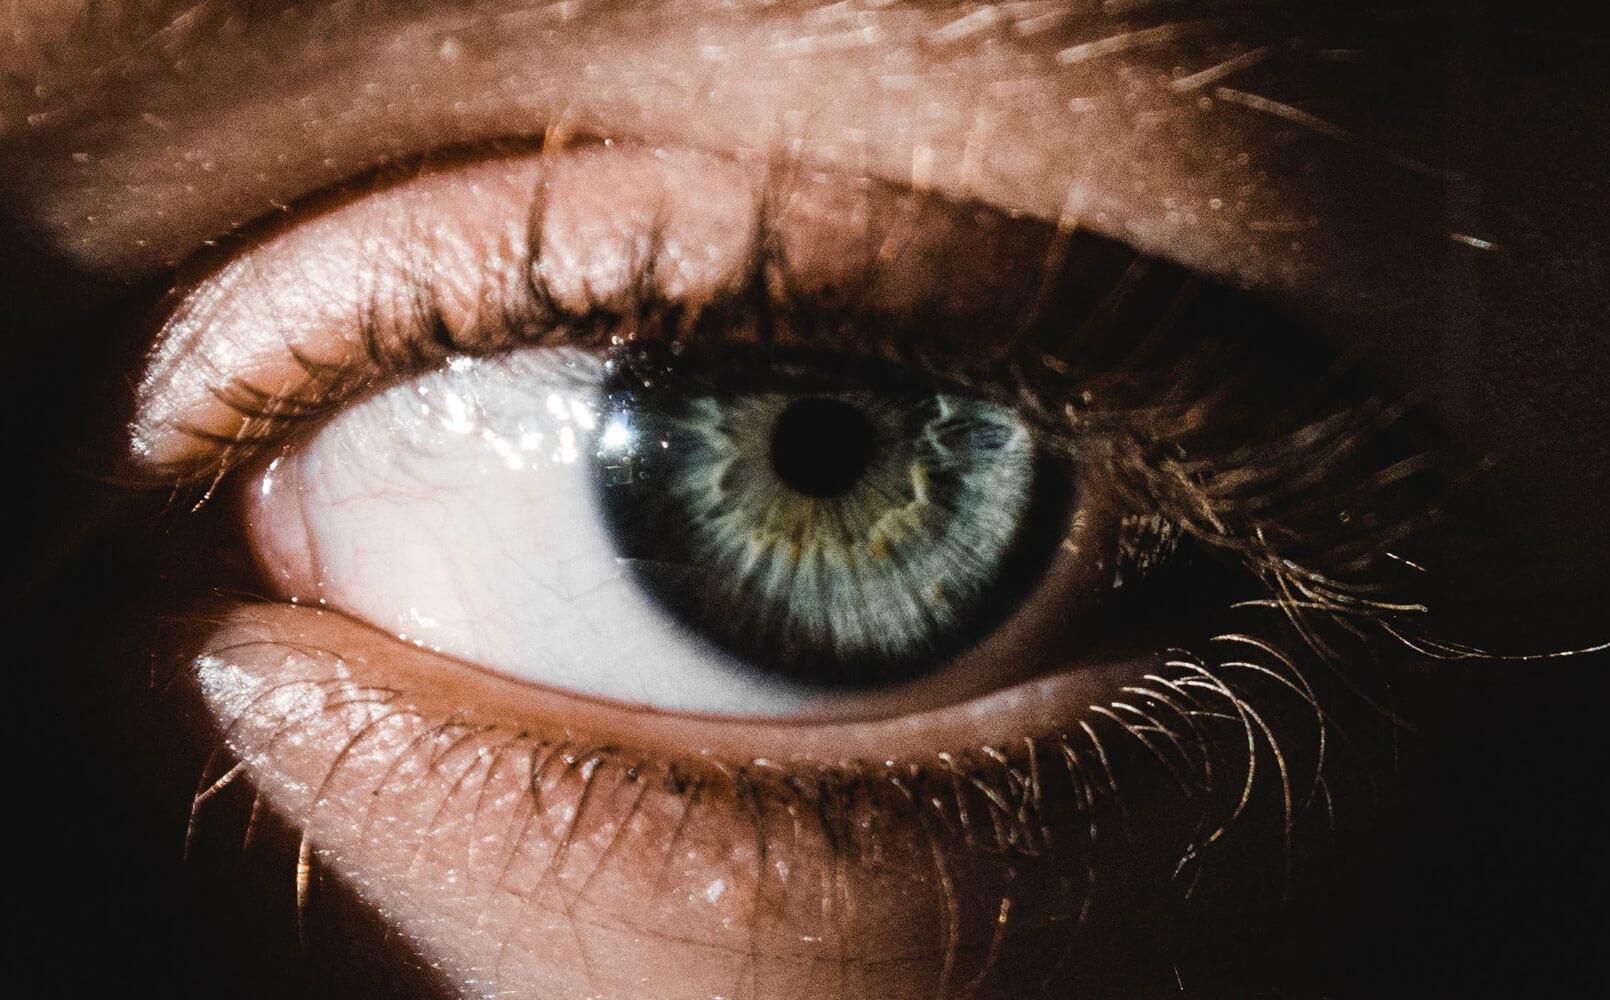 Утром нужно очищать глаза